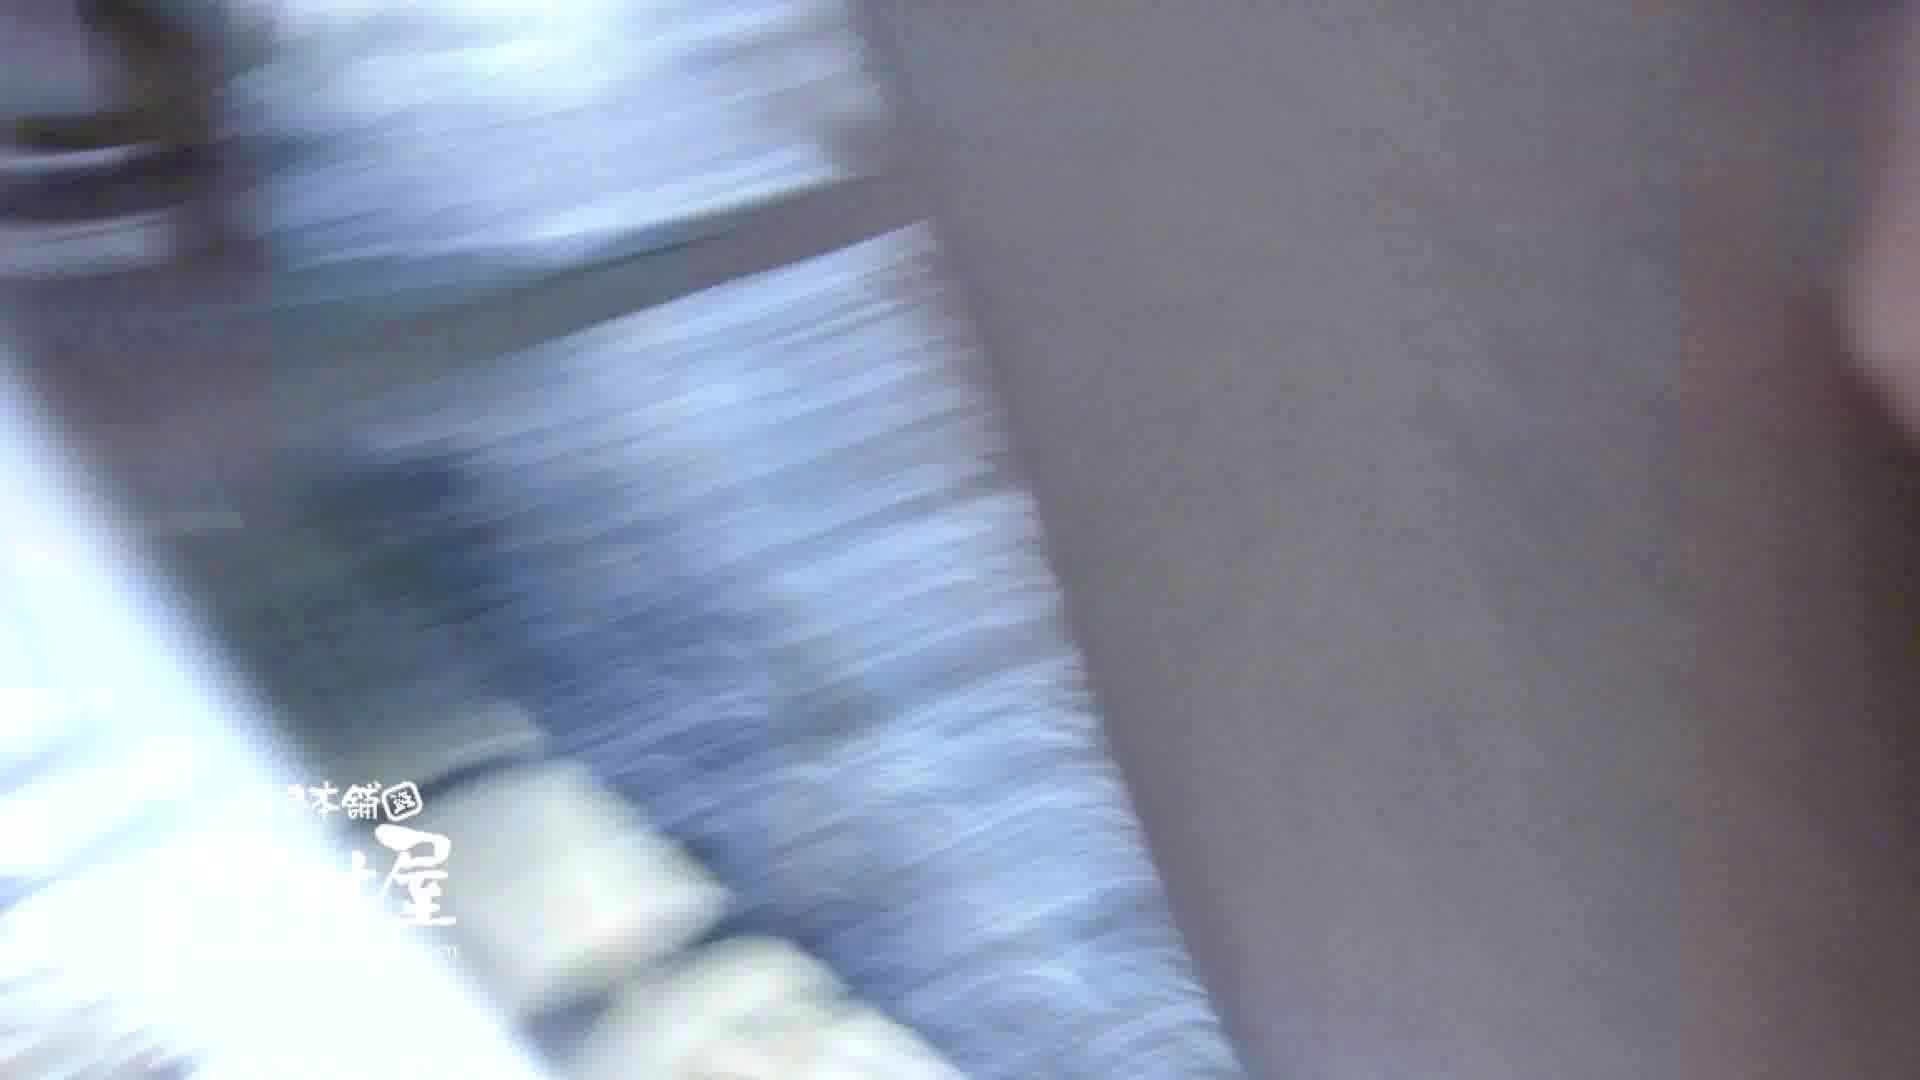 鬼畜 vol.15 ハスキーボイスで感じてんじゃねーよ! 前編 鬼畜 | 0  50画像 29